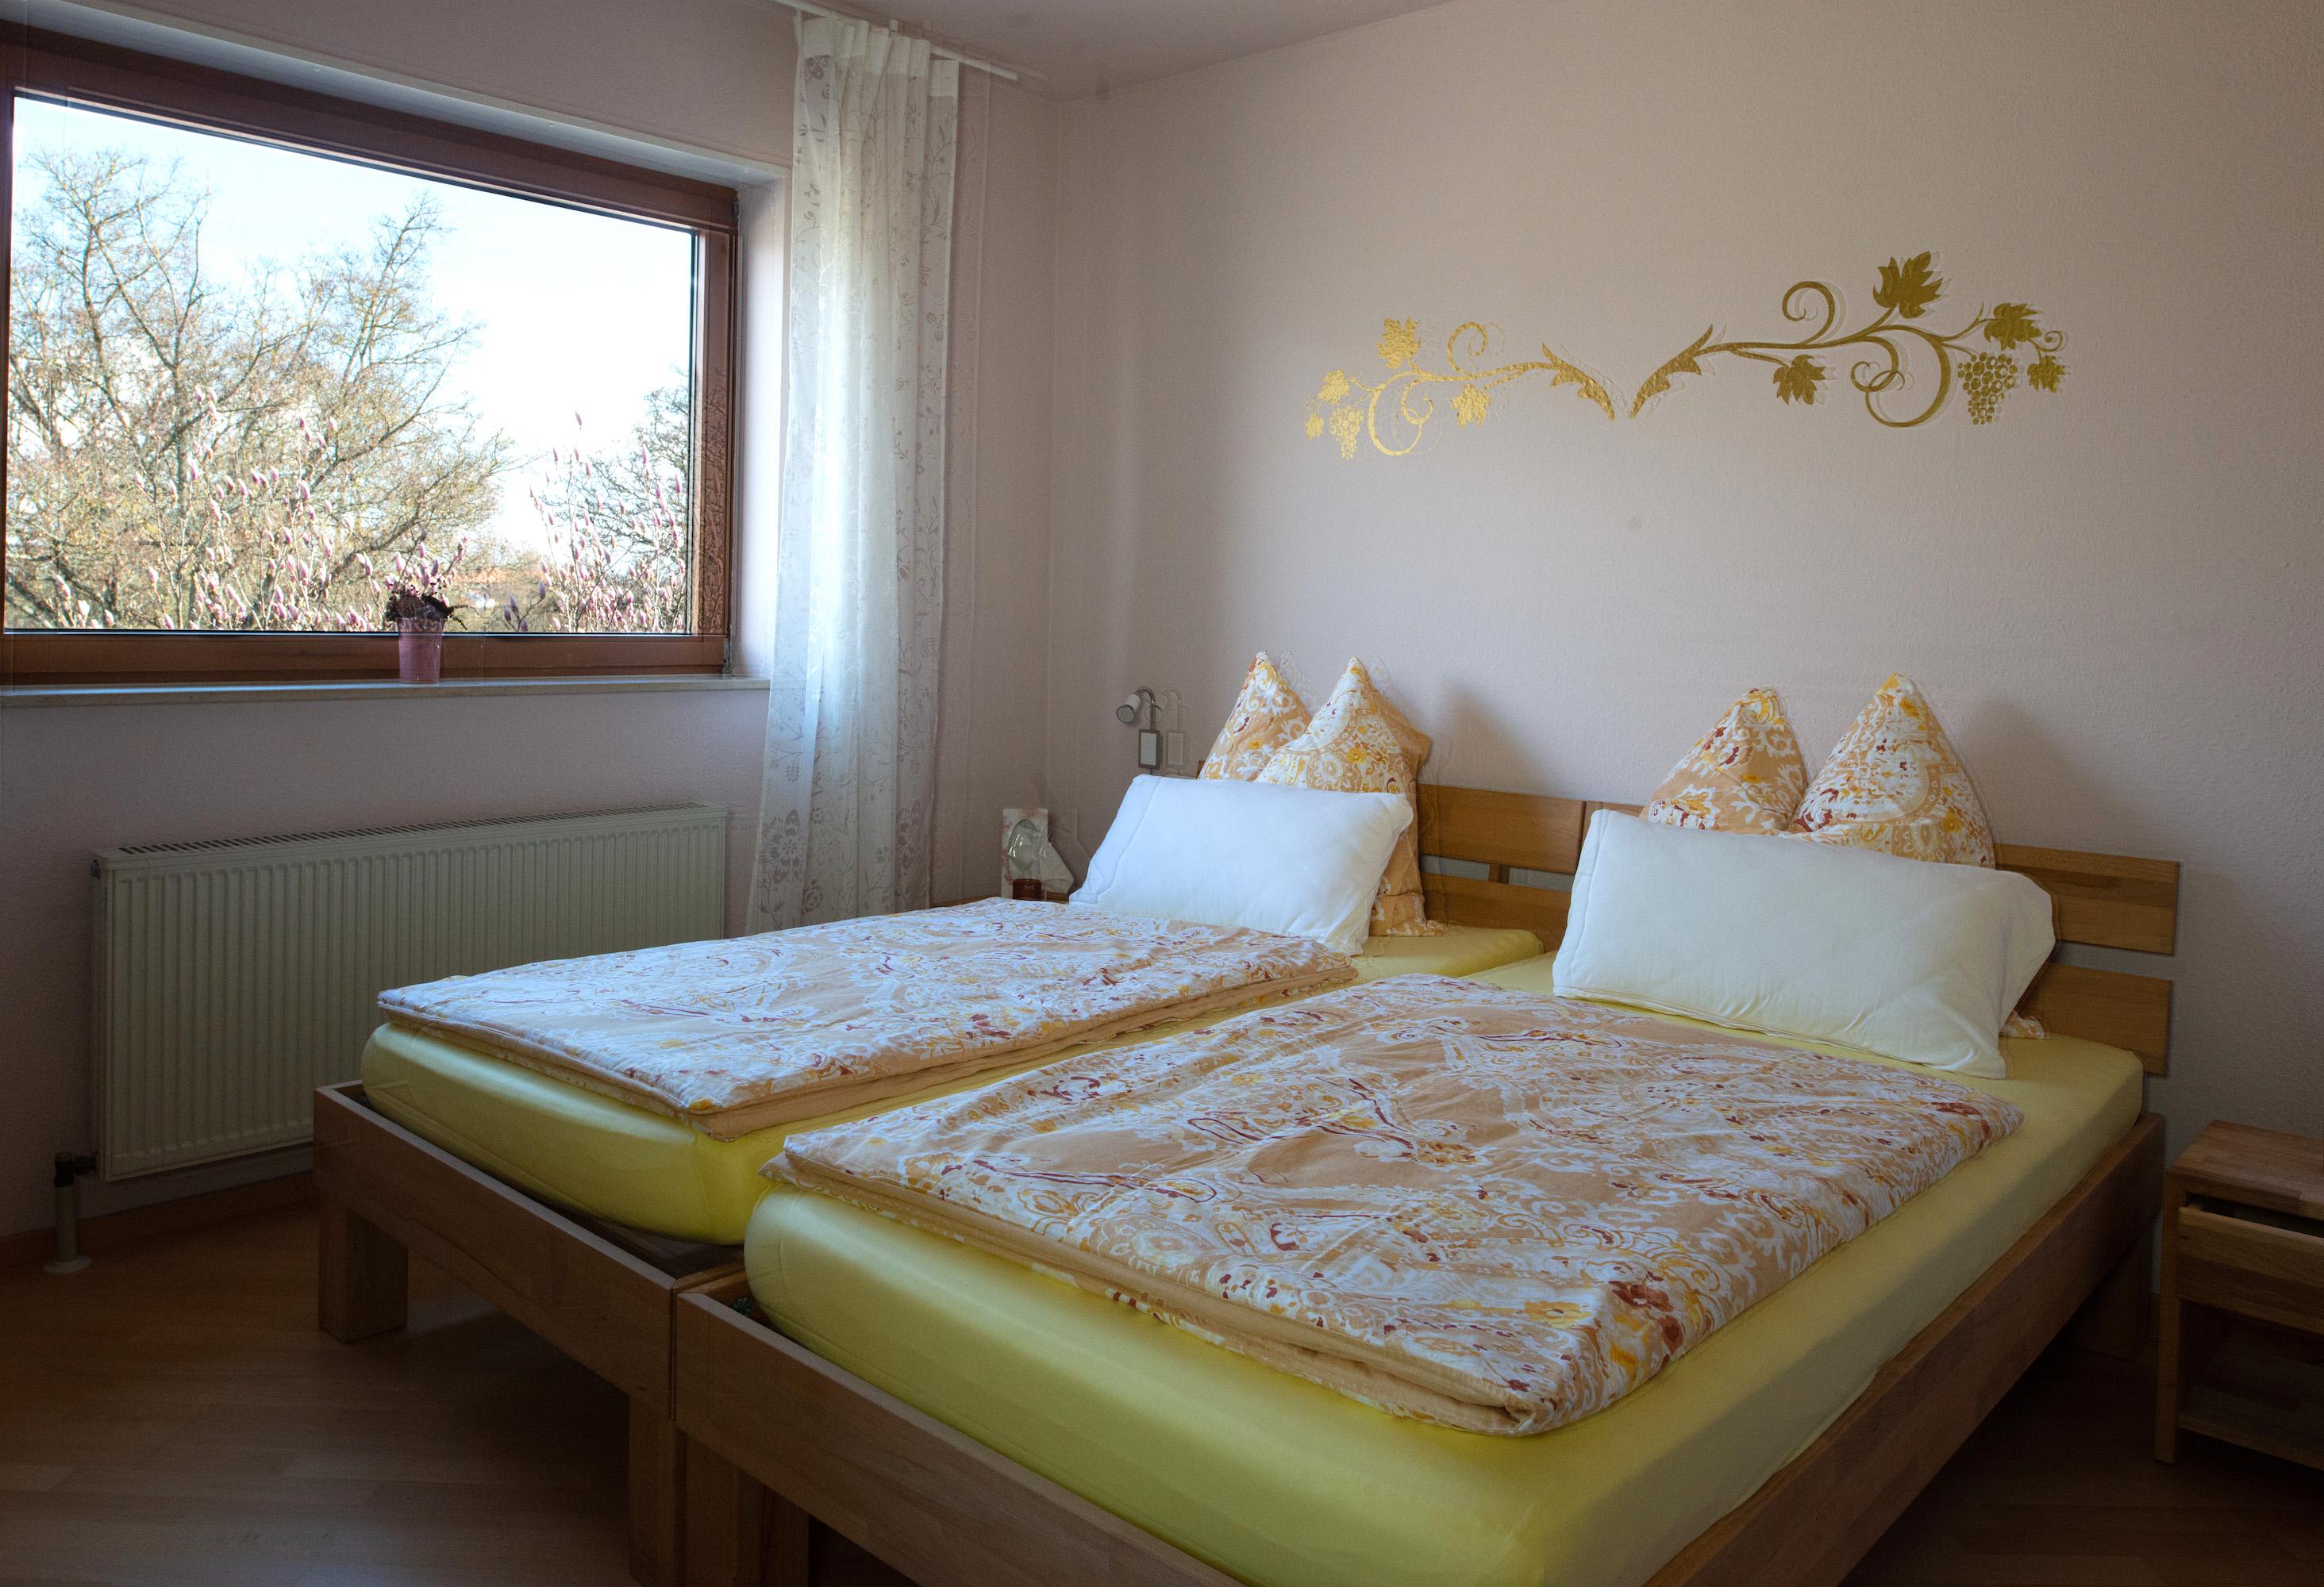 Schlafen unter goldenen Reben